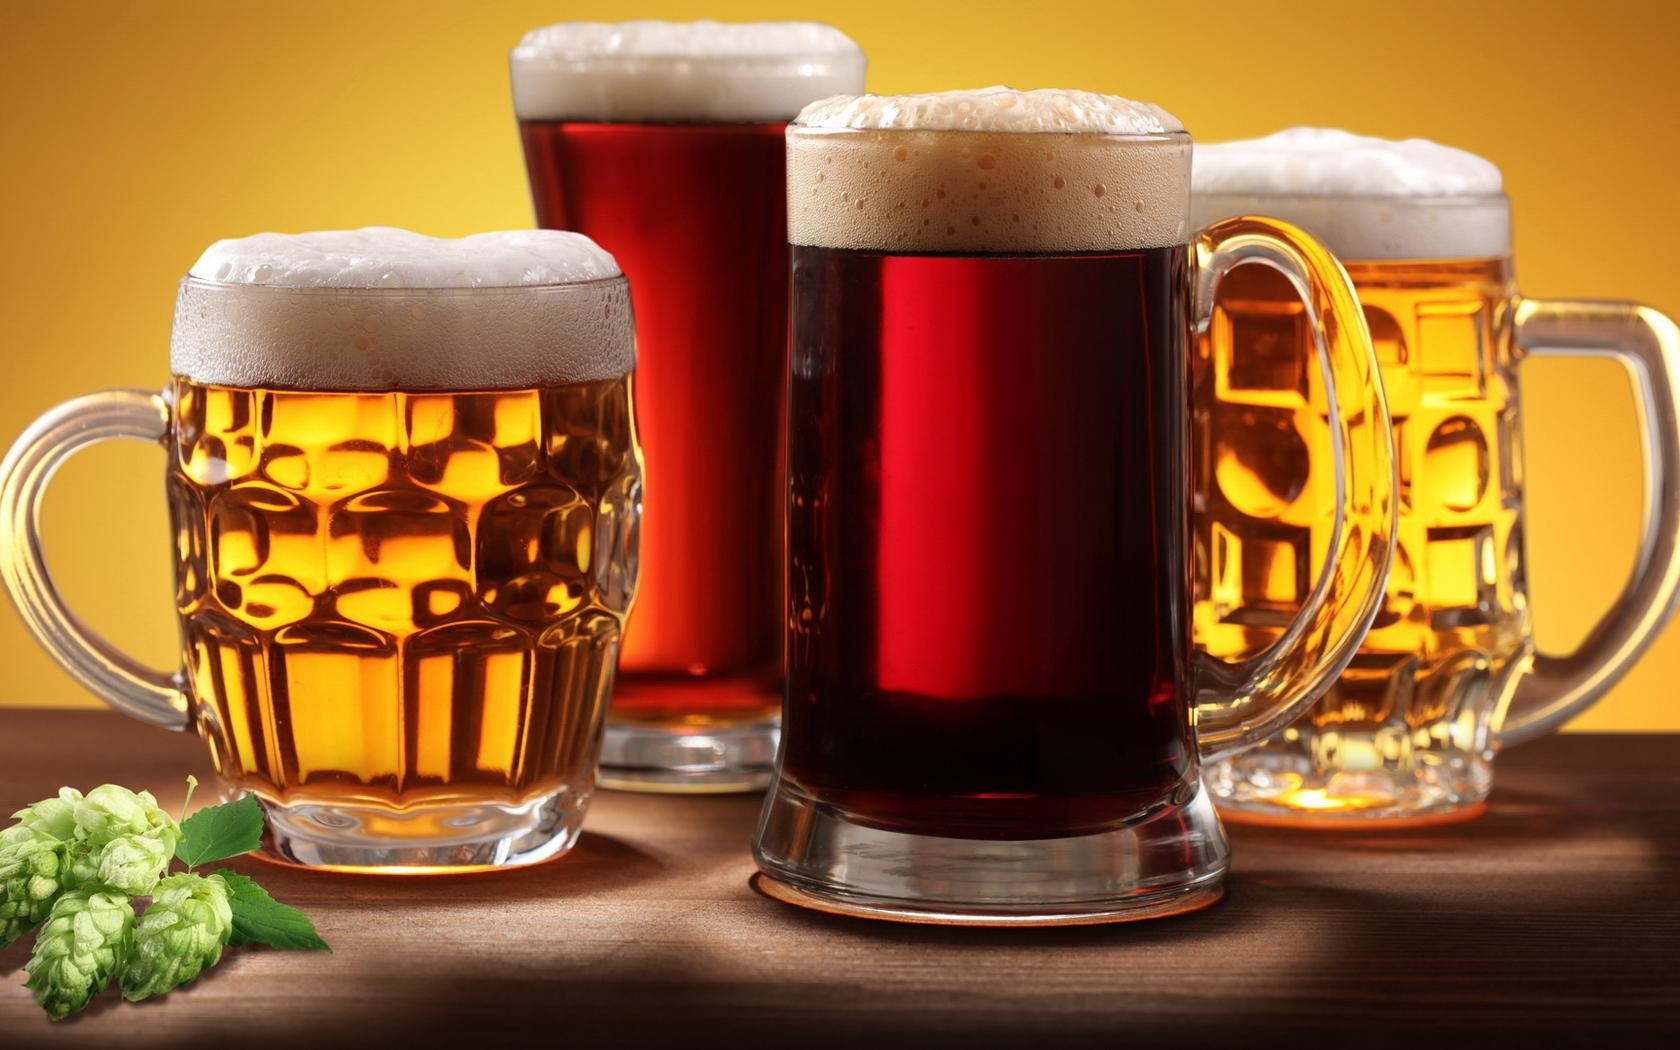 пиво в кружках, фото, обои для рабочего стола